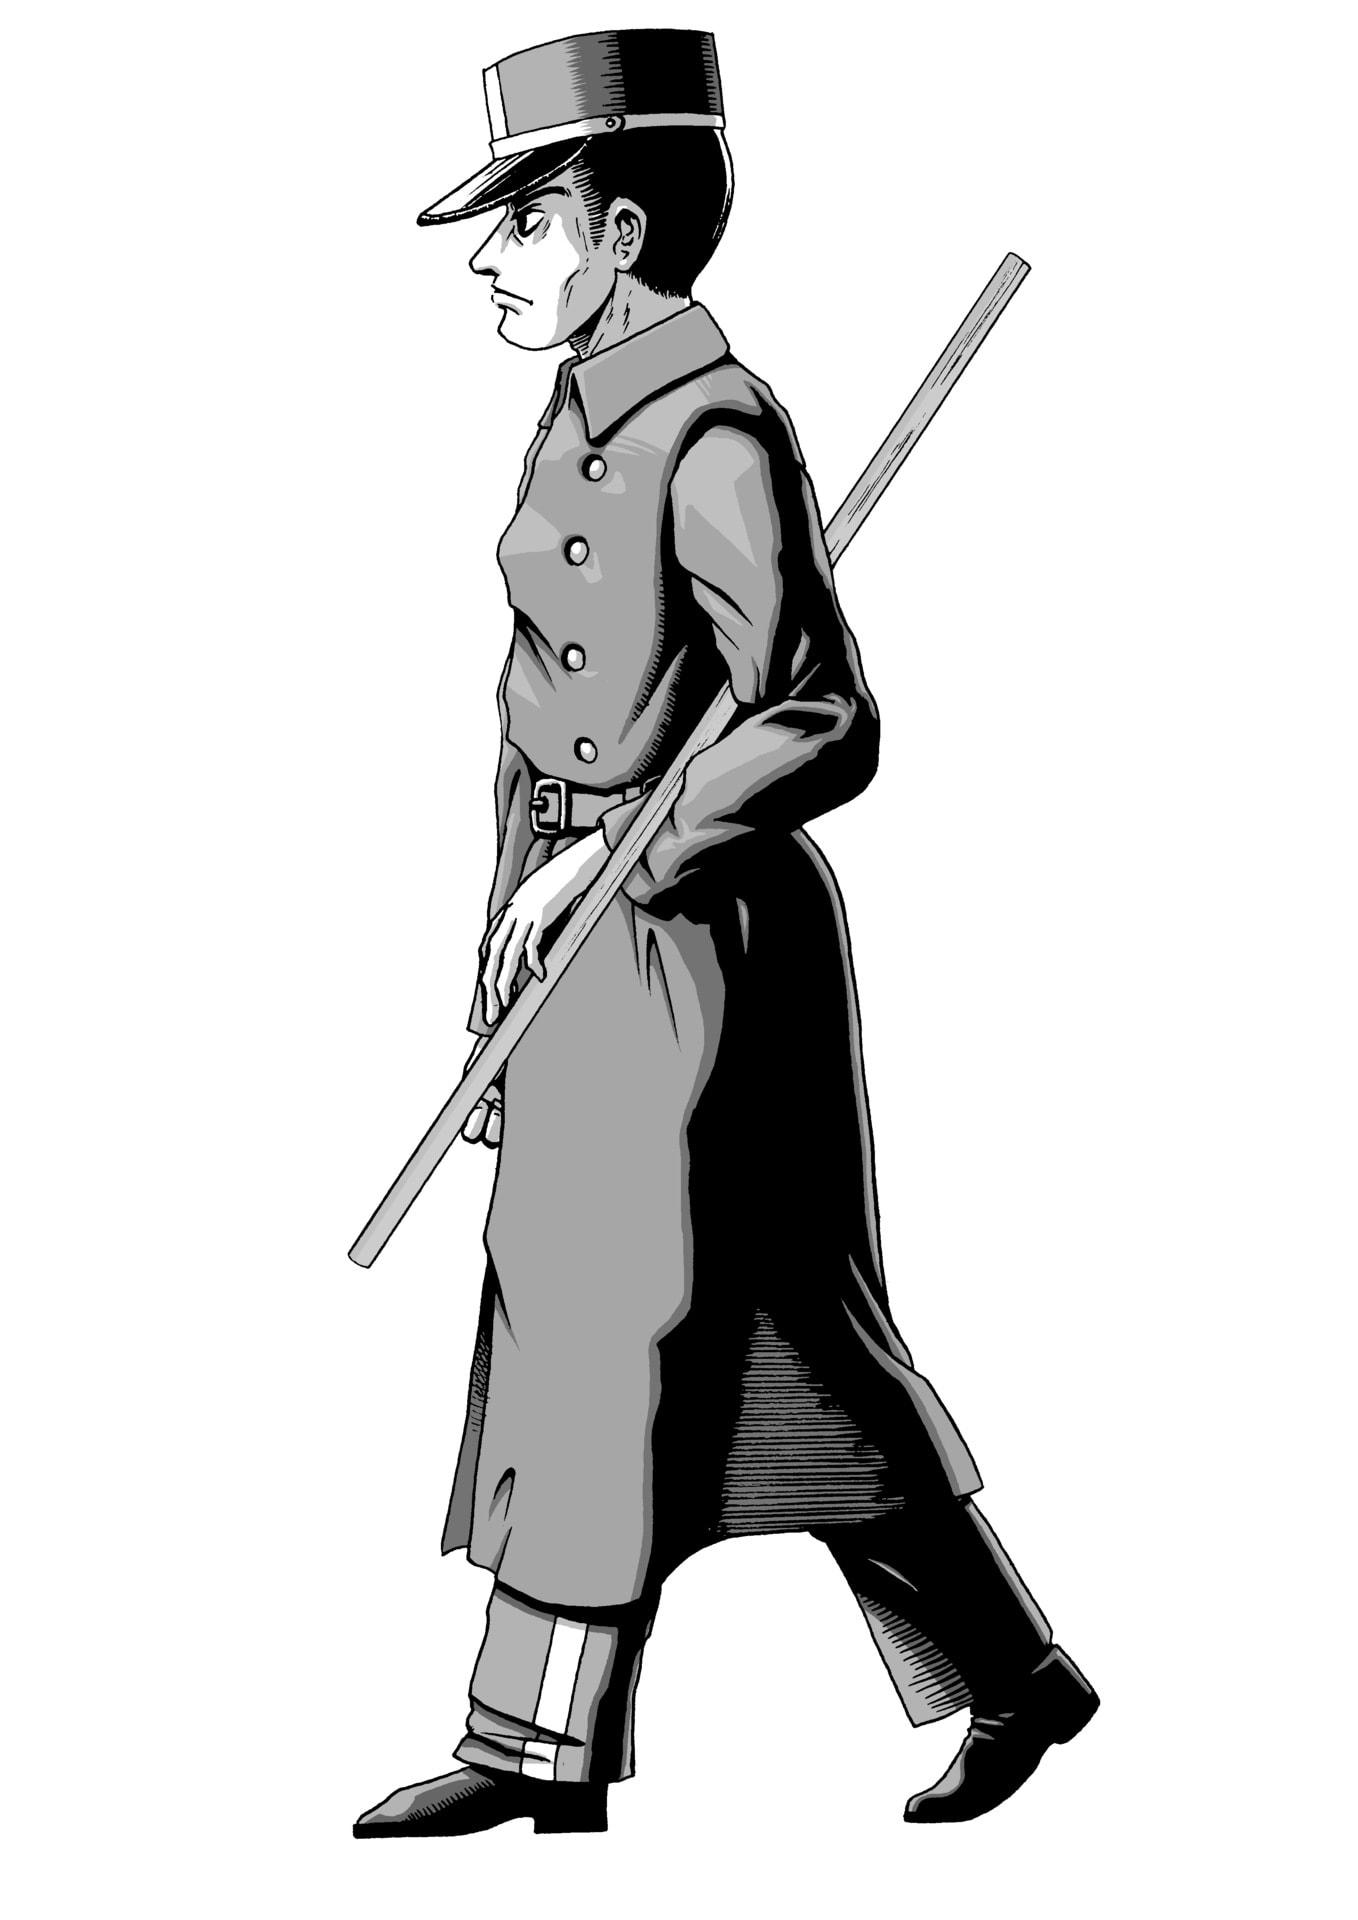 桝田道也先生の新作歴史漫画 - 幕末掃苔屋 公式ブログ